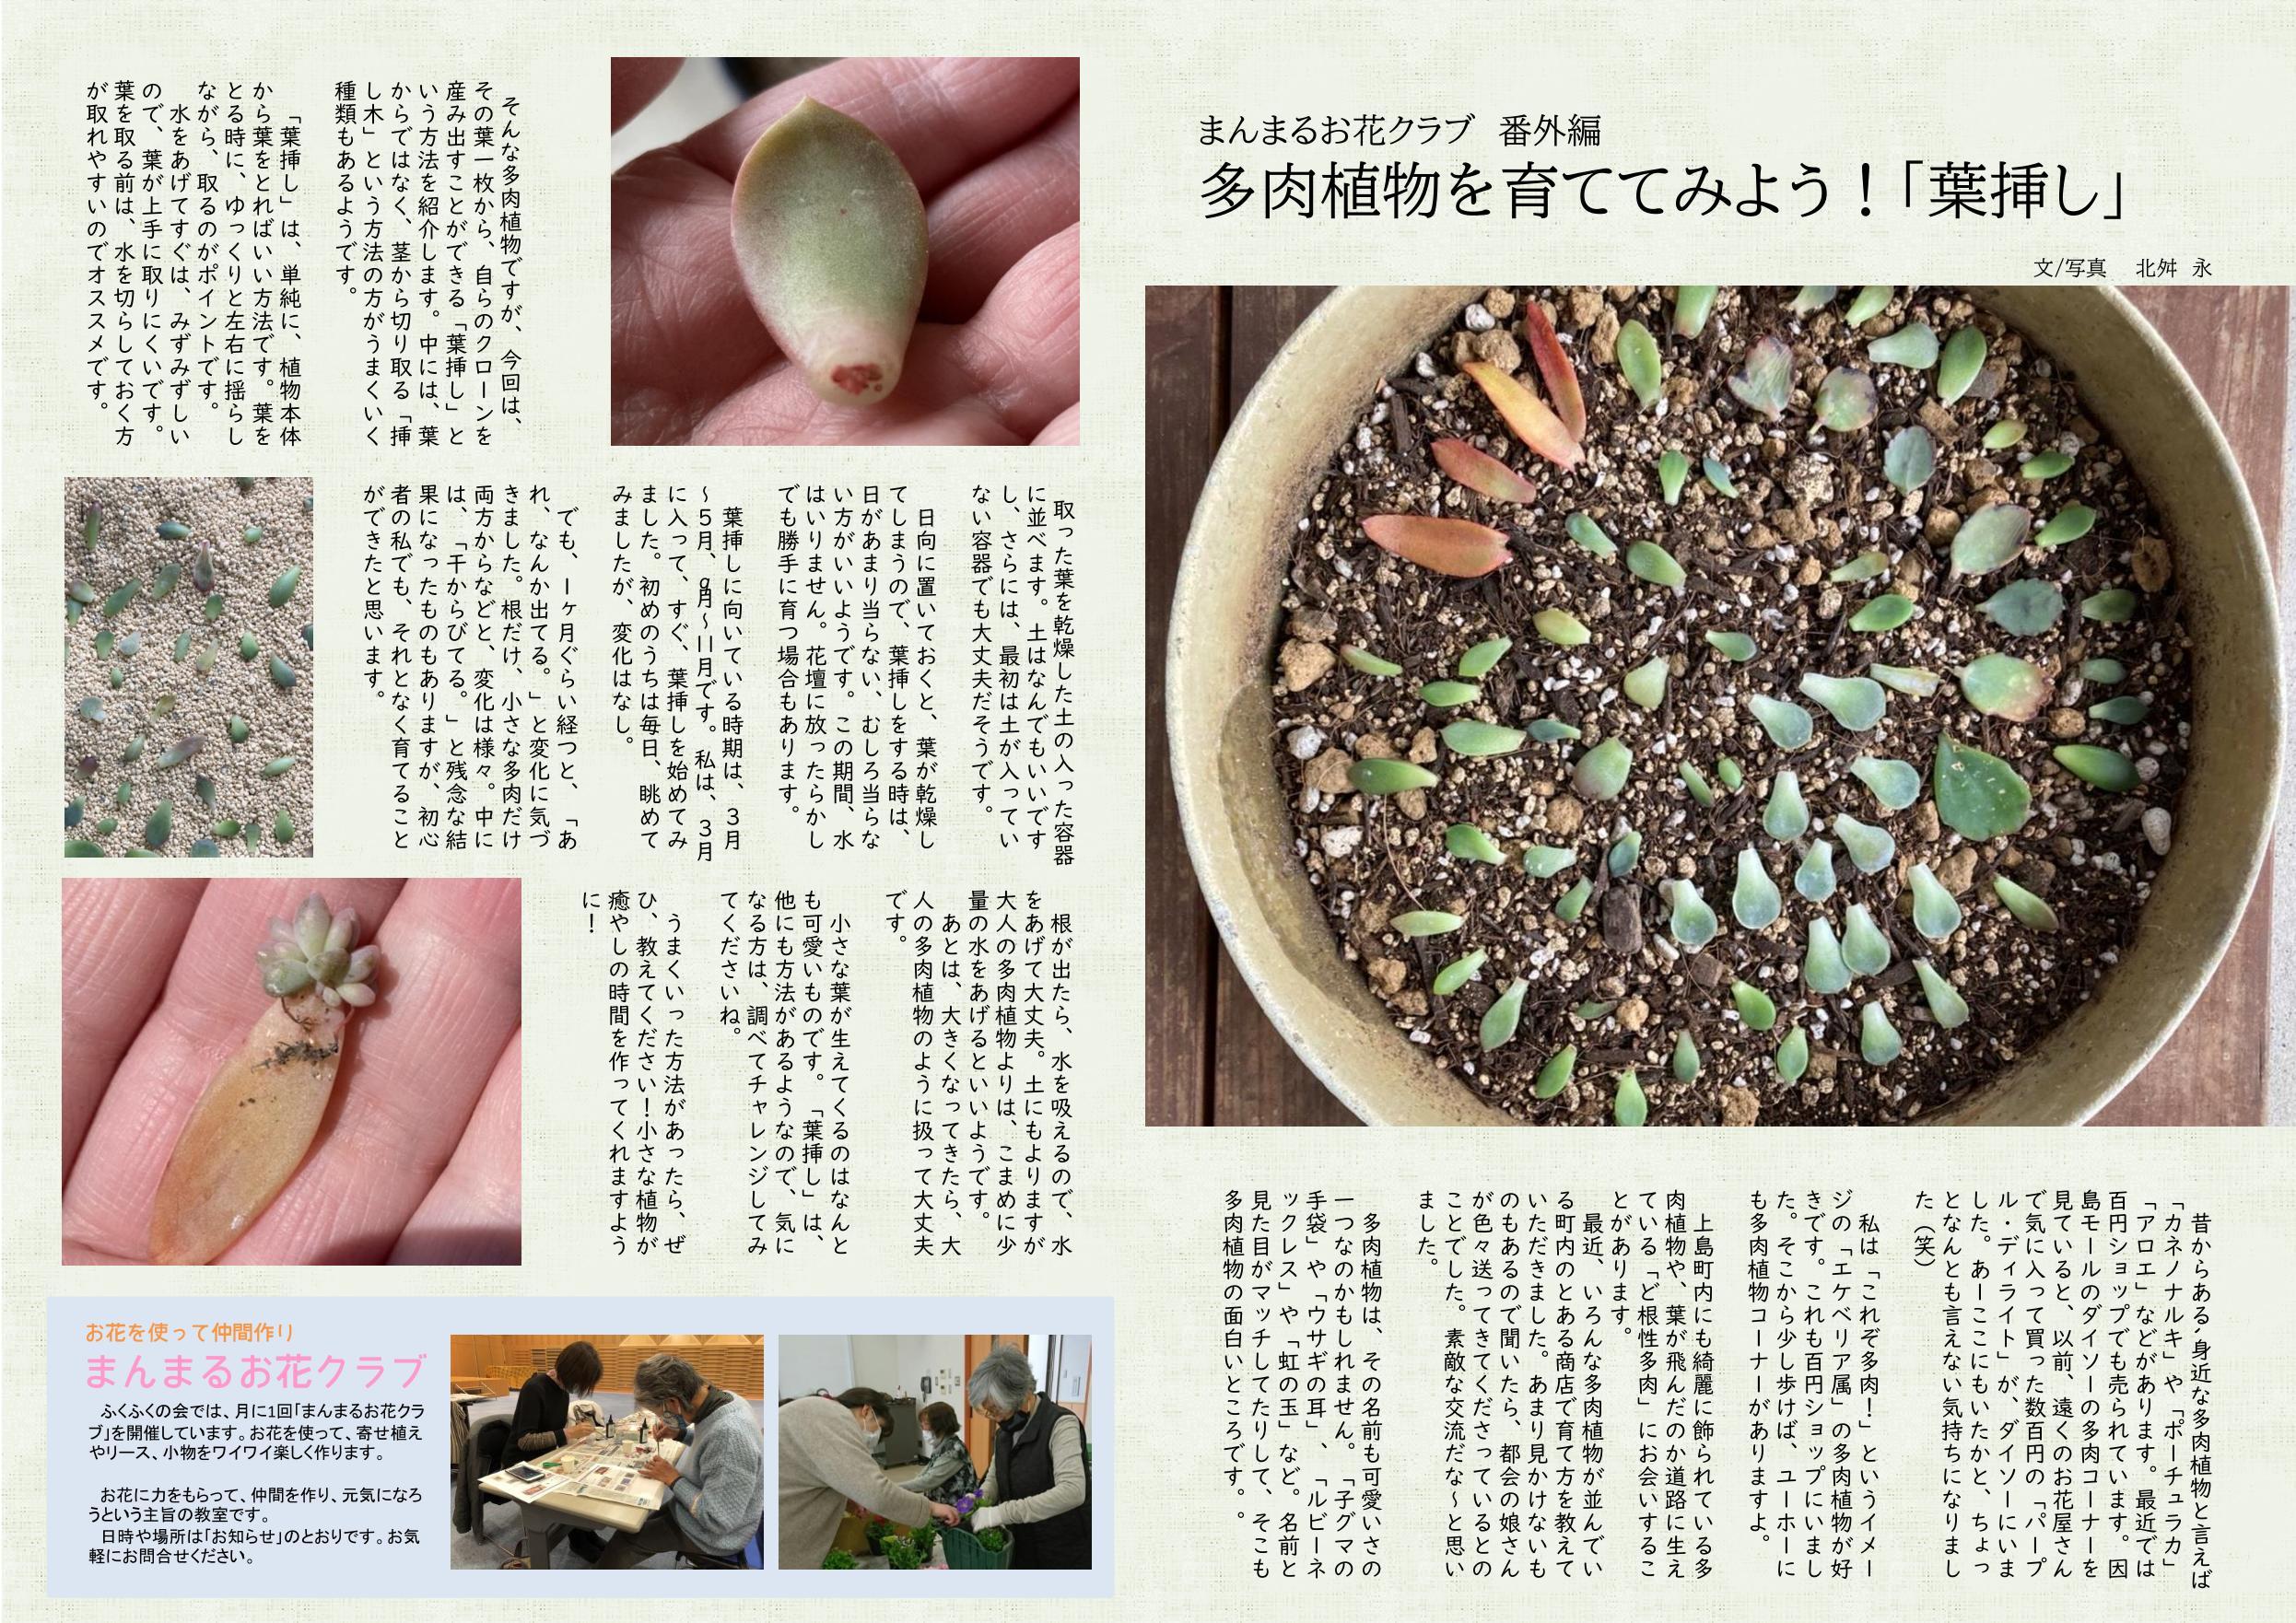 http://fukufukunokai.com/newsletter/images/4%E6%9C%88%E5%8F%B7_cropped_220214.jpeg